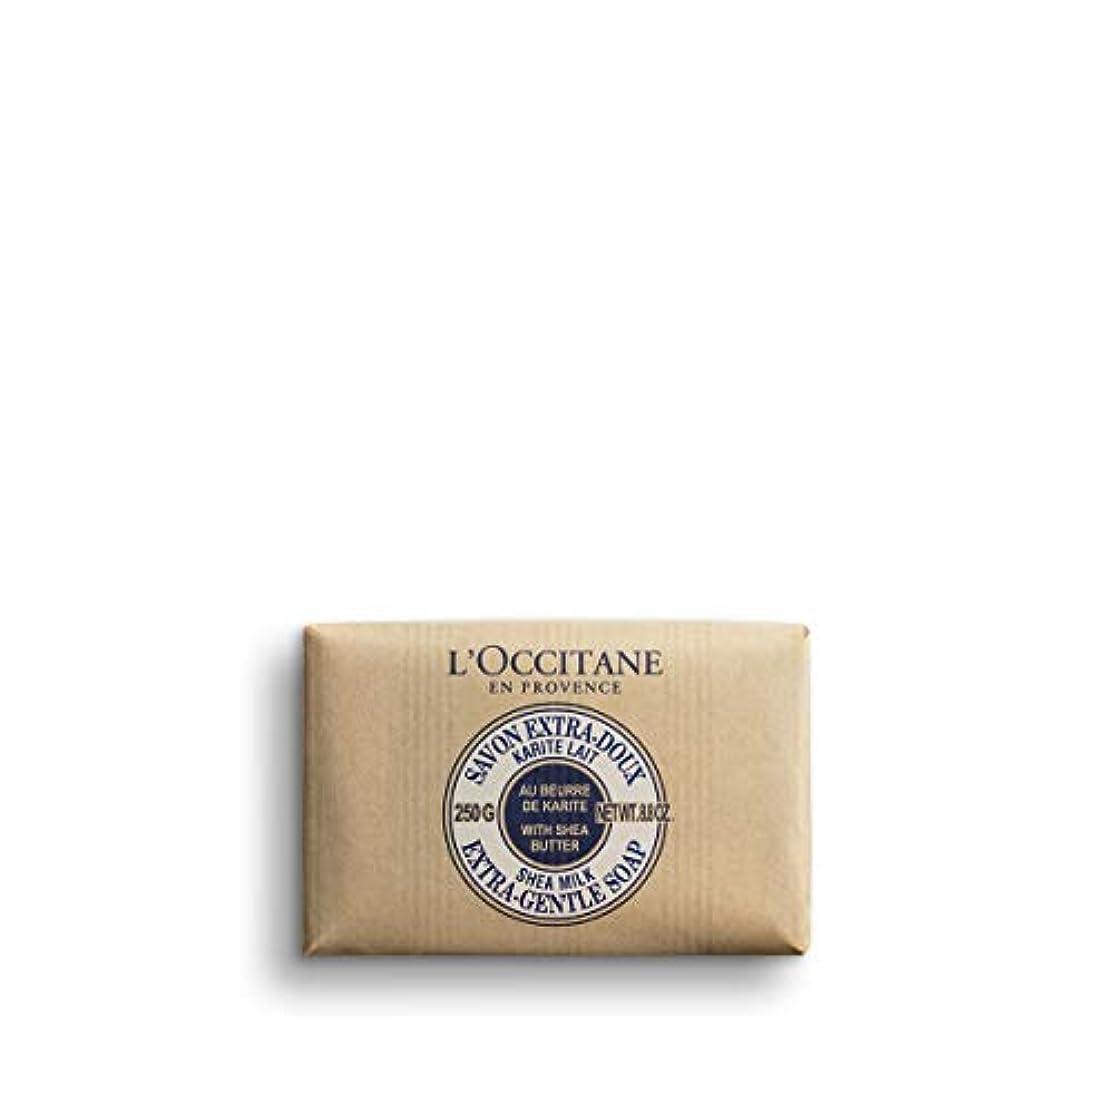 不機嫌そうなアスリートラジエーターロクシタン(L'OCCITANE) シアバターソープ 250g ミルク